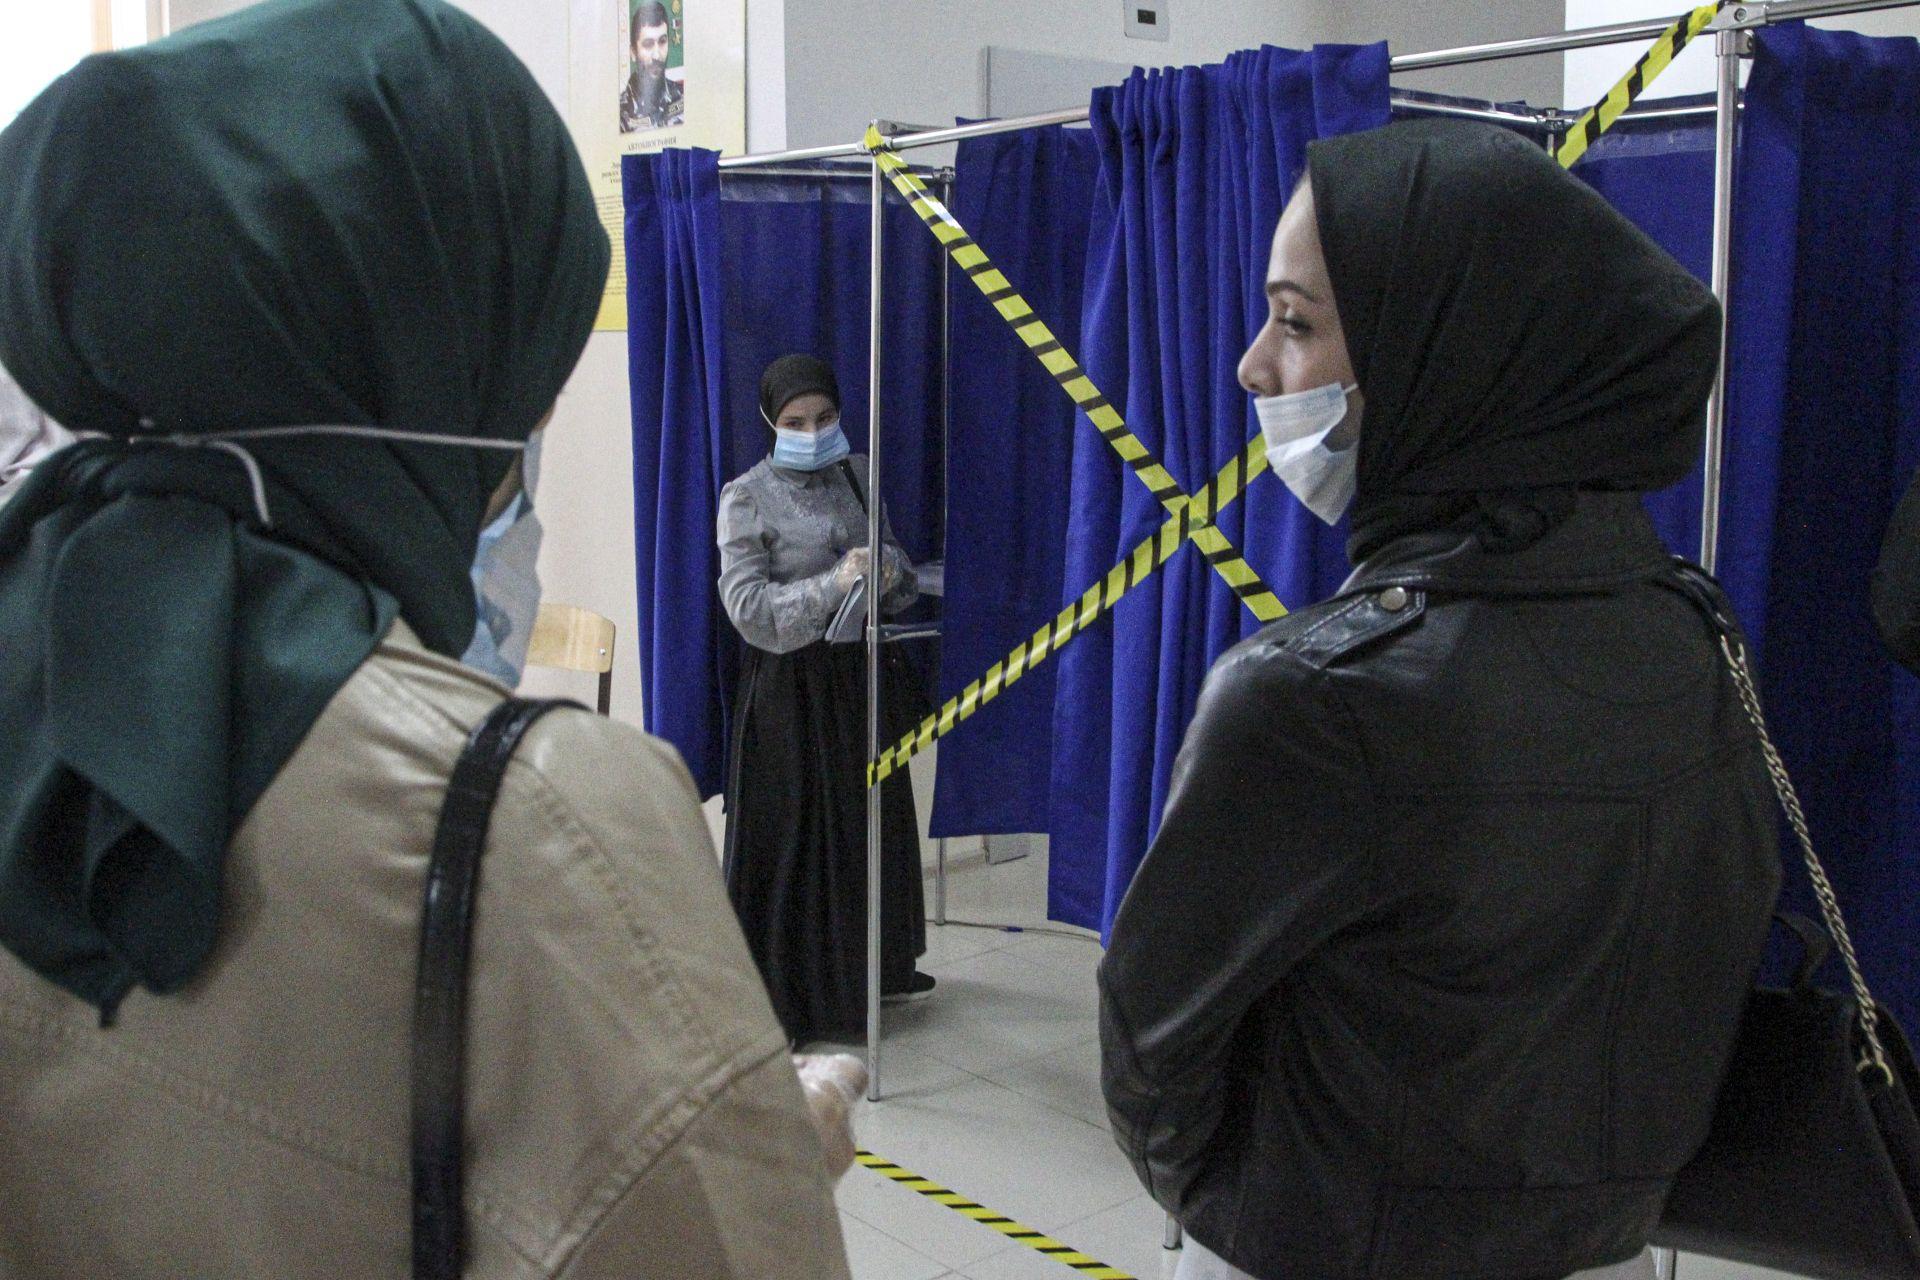 Чеченските жени чакат да попълнят бюлетините си в кабината за гласуване на избирателна секция по време на парламентарните избори в Грозни